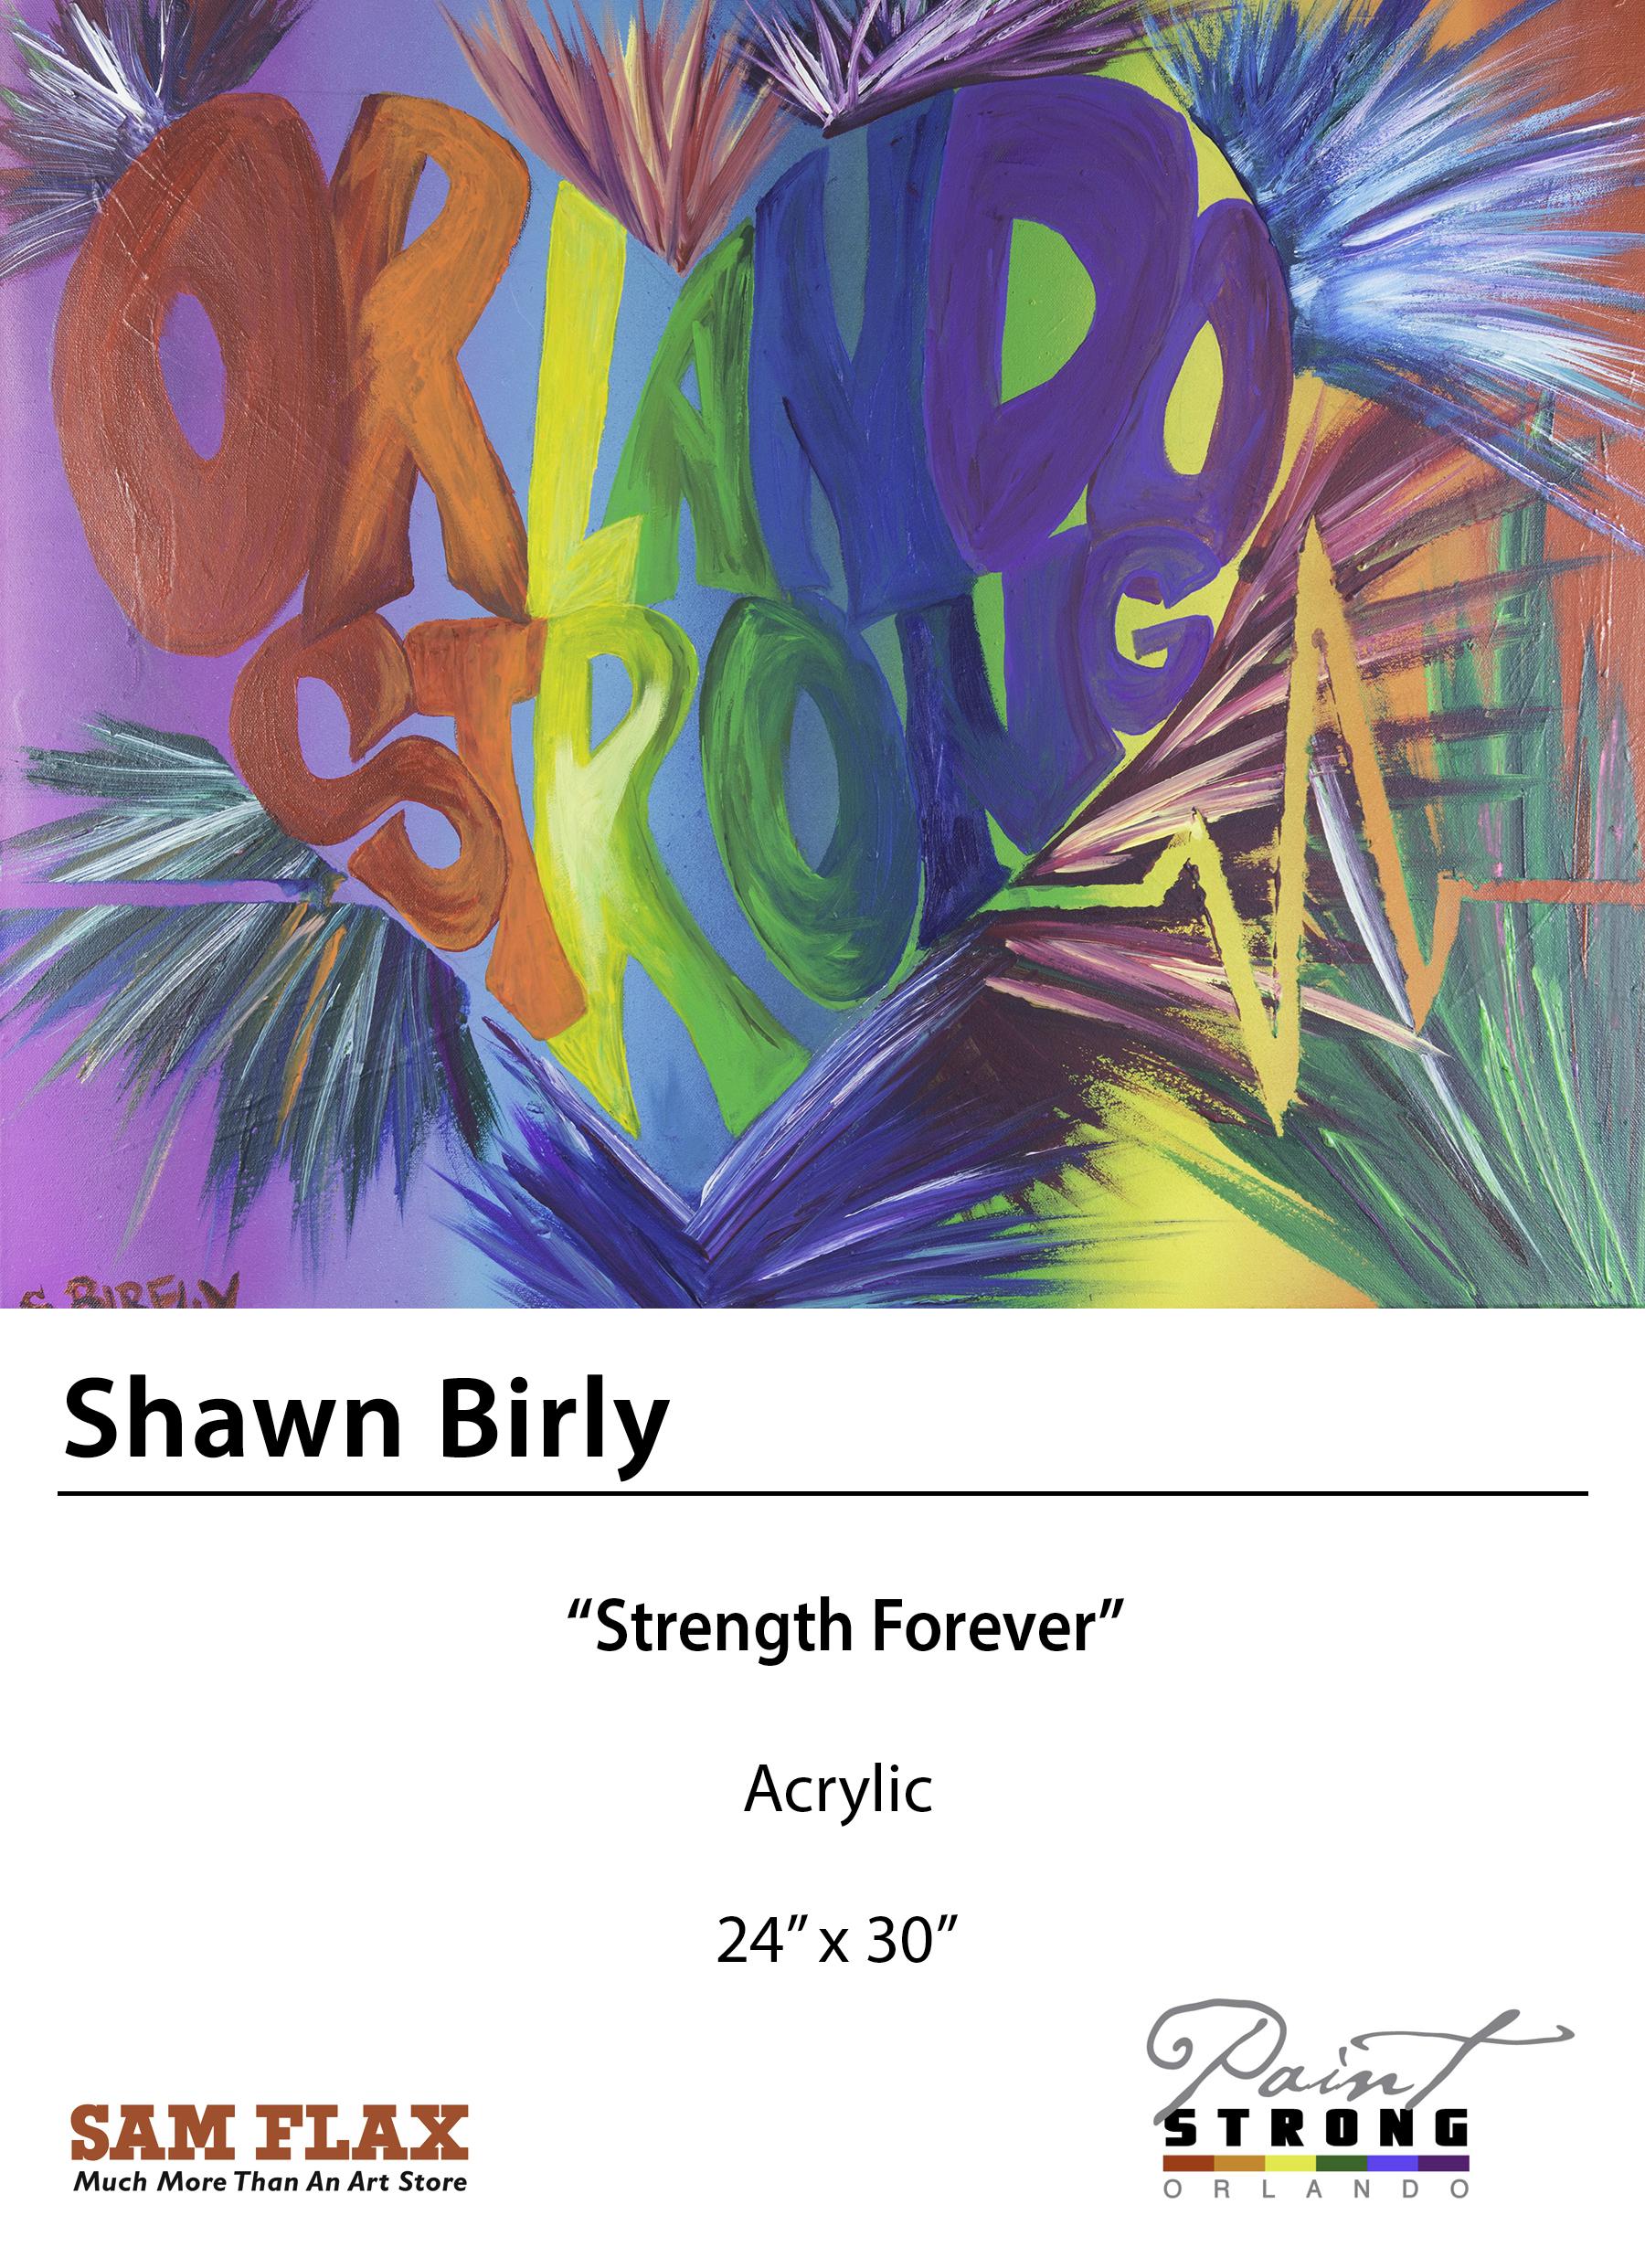 Shawn Birly